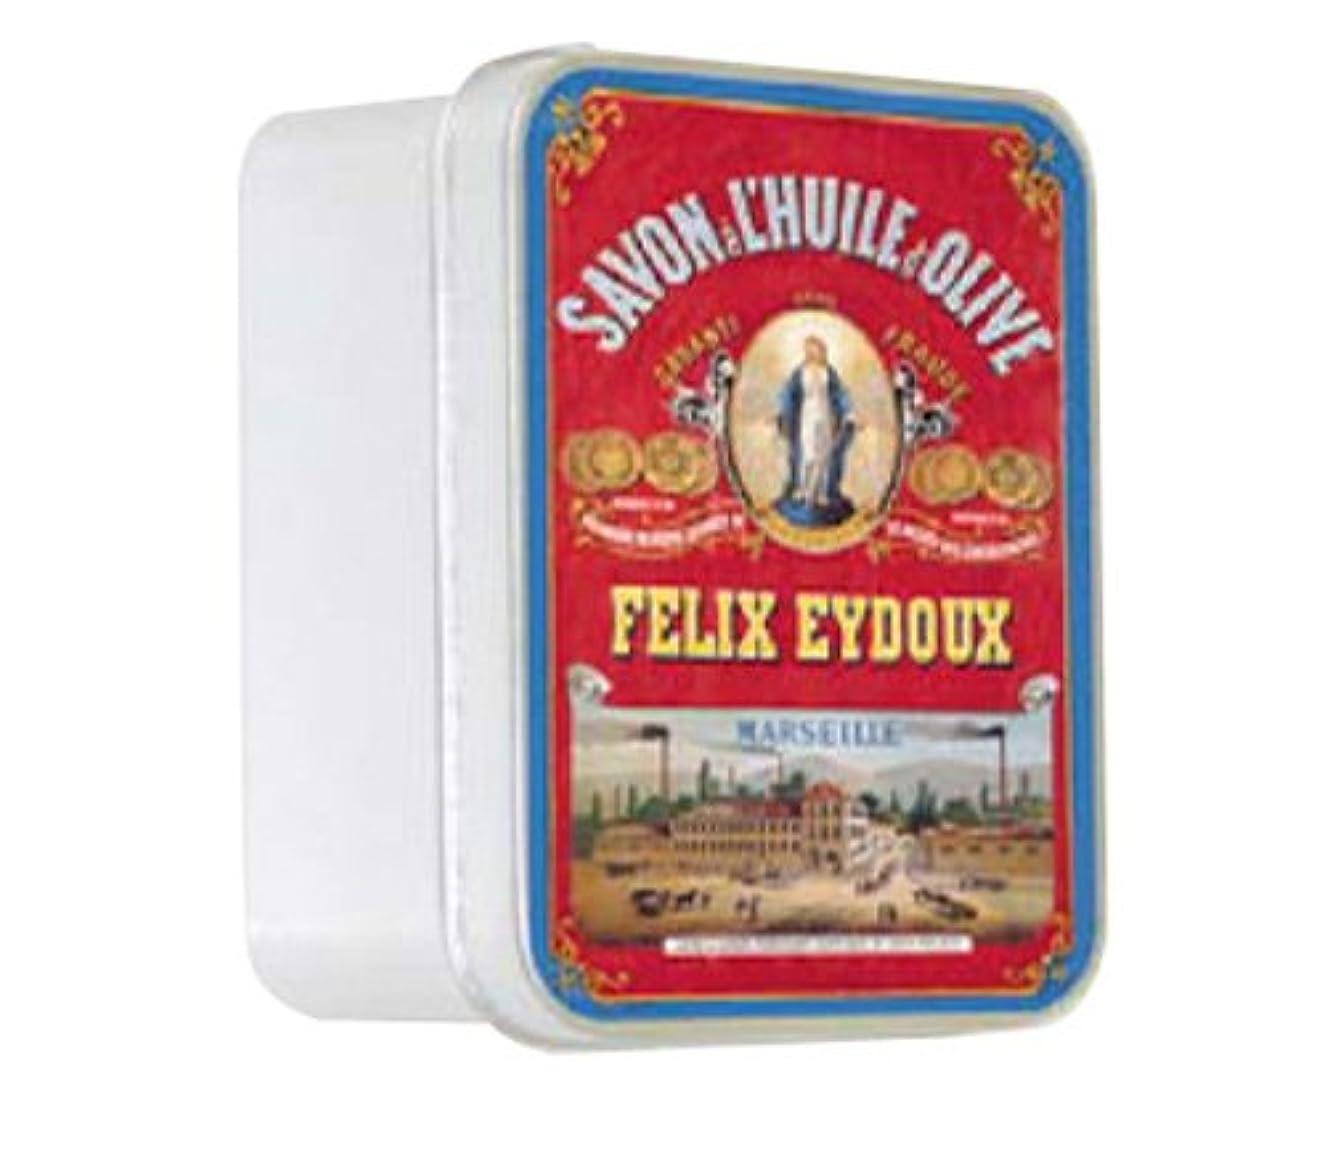 風が強いクランプ愛情深いルブランソープ メタルボックス(マルセイユソープ?オリーブの香り)石鹸